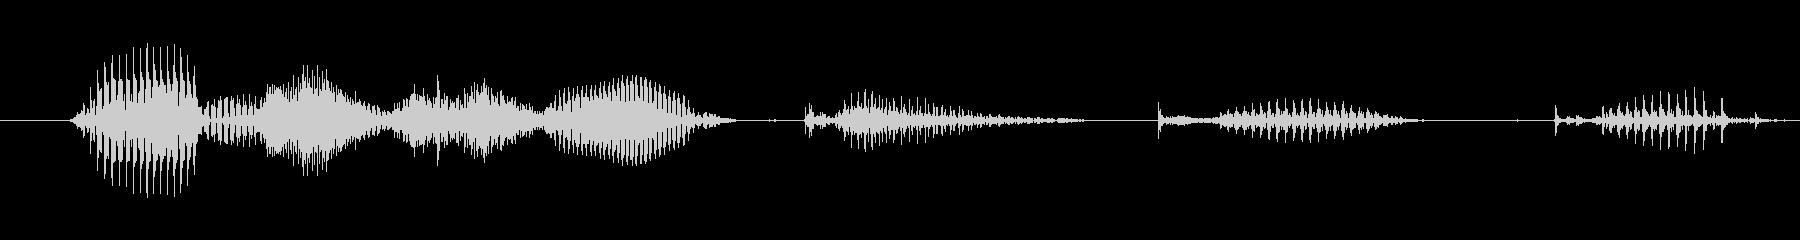 【日数・経過】7週間経過の未再生の波形